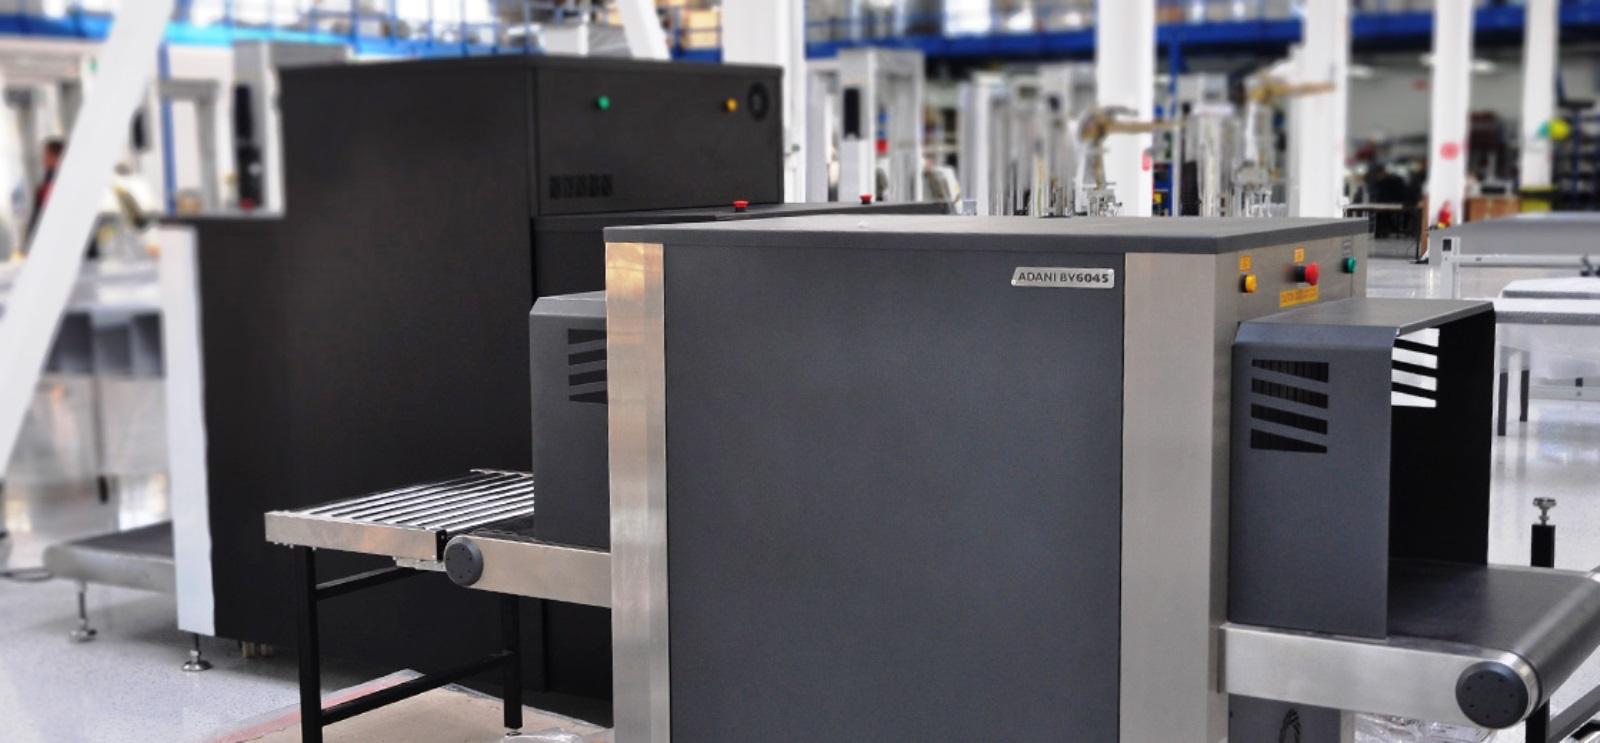 Компактный интроскоп ADANI BV6045 - тема данного материала, подготовленного нами при участии специалистов одной из профильных компаний. Фото